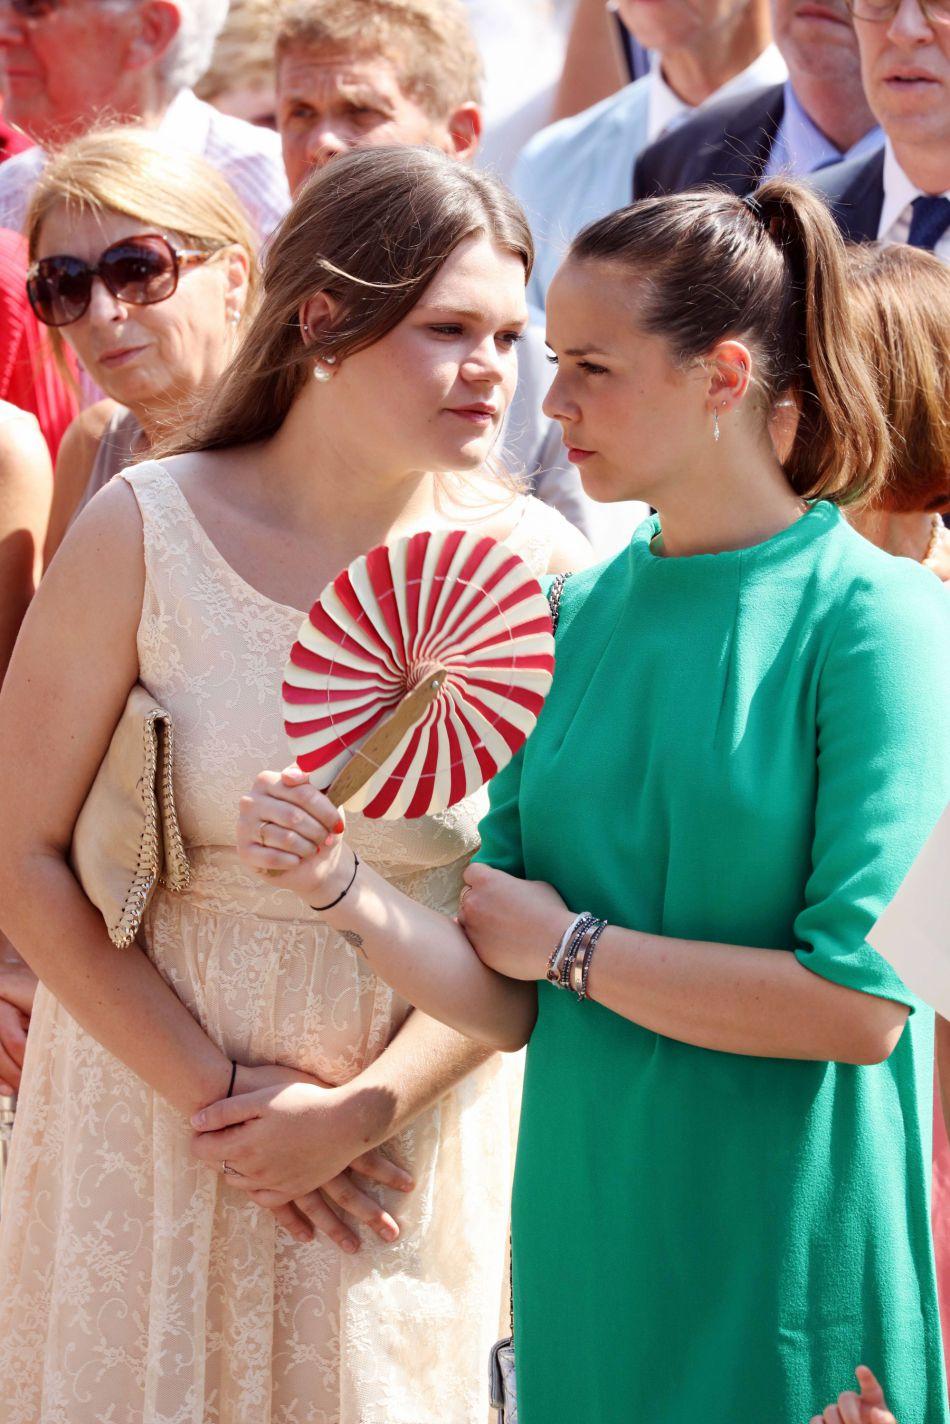 Camille Gottlieb et Pauline Ducruet lors de la célébration des dix ans de règne du prince Albert II de Monaco à Monaco, le 11 juillet 2015.